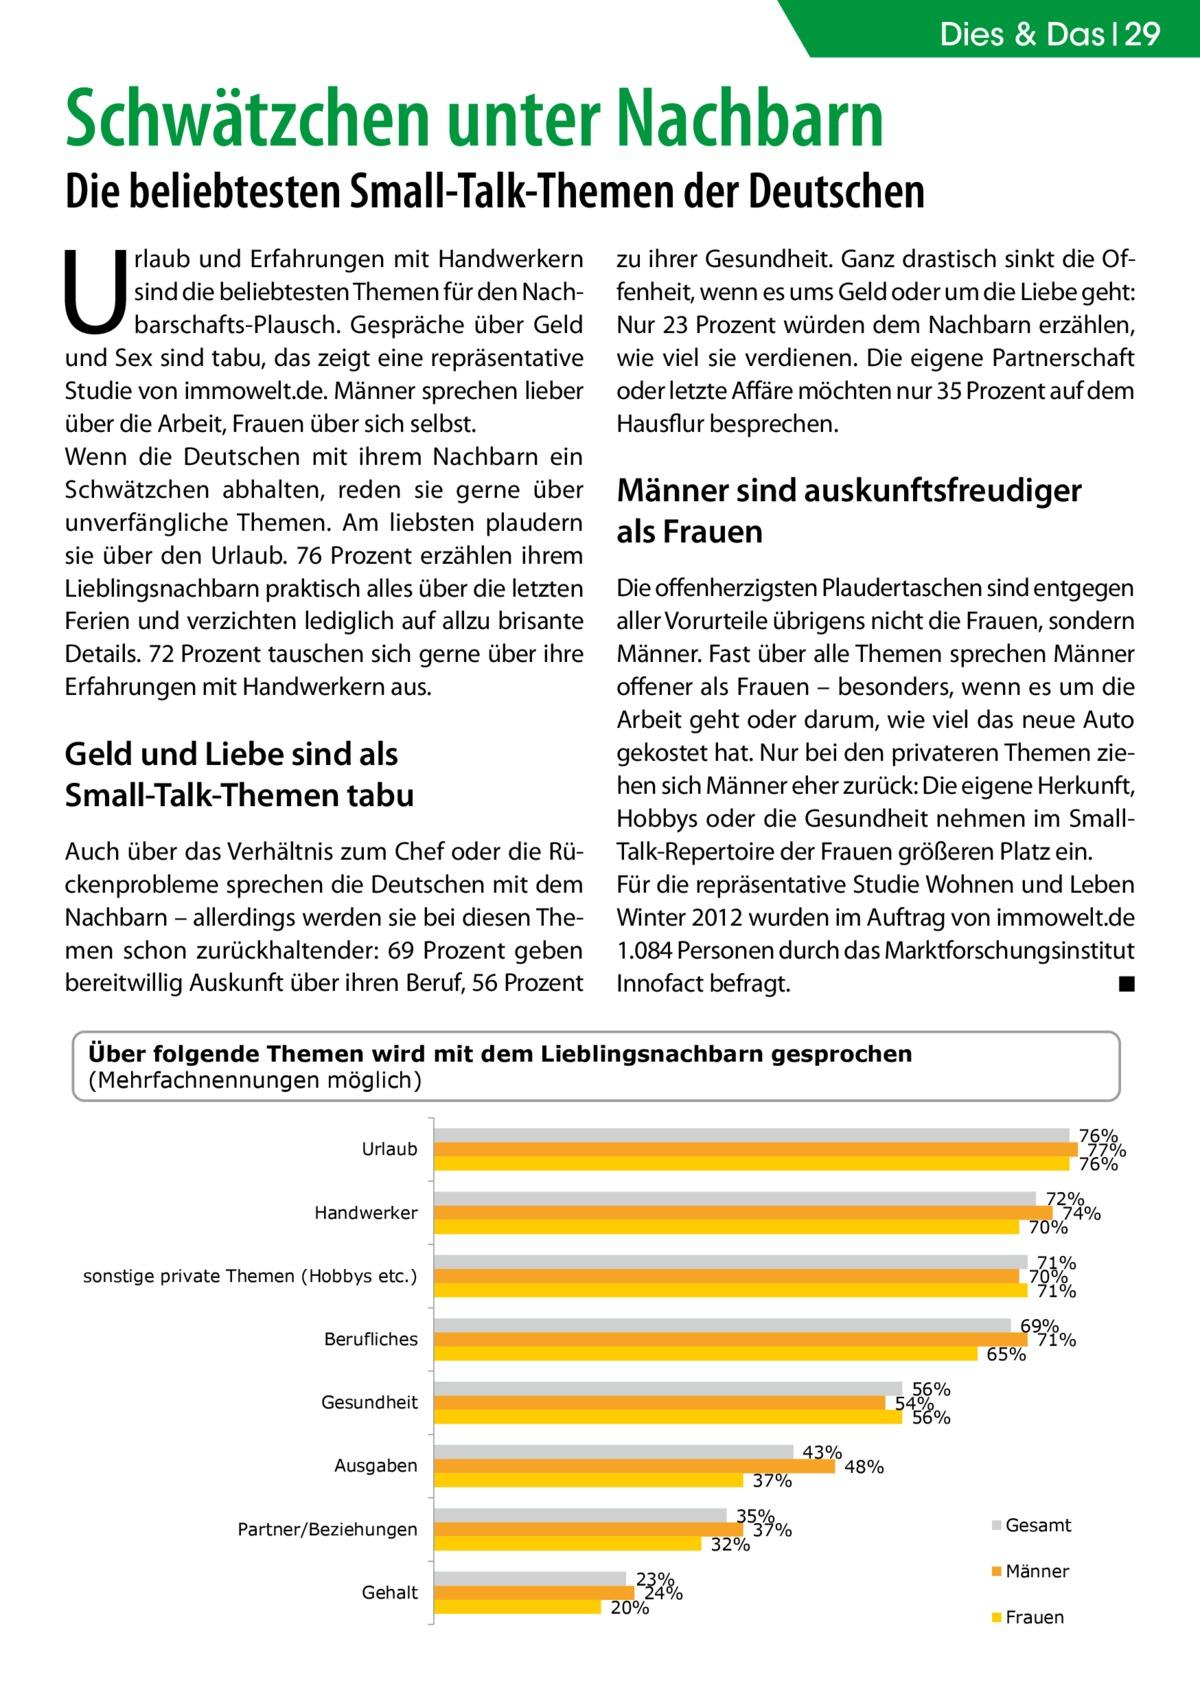 Dies & Das 29  Schwätzchen unter Nachbarn  Die beliebtesten Small-Talk-Themen der Deutschen  U  rlaub und Erfahrungen mit Handwerkern sind die beliebtesten Themen für den Nachbarschafts-Plausch. Gespräche über Geld und Sex sind tabu, das zeigt eine repräsentative Studie von immowelt.de. Männer sprechen lieber über die Arbeit, Frauen über sich selbst. Wenn die Deutschen mit ihrem Nachbarn ein Schwätzchen abhalten, reden sie gerne über unverfängliche Themen. Am liebsten plaudern sie über den Urlaub. 76 Prozent erzählen ihrem Lieblingsnachbarn praktisch alles über die letzten Ferien und verzichten lediglich auf allzu brisante Details. 72 Prozent tauschen sich gerne über ihre Erfahrungen mit Handwerkern aus.  Geld und Liebe sind als Small-Talk-Themen tabu Auch über das Verhältnis zum Chef oder die Rückenprobleme sprechen die Deutschen mit dem Nachbarn – allerdings werden sie bei diesen Themen schon zurückhaltender: 69 Prozent geben bereitwillig Auskunft über ihren Beruf, 56 Prozent  zu ihrer Gesundheit. Ganz drastisch sinkt die Offenheit, wenn es ums Geld oder um die Liebe geht: Nur 23 Prozent würden dem Nachbarn erzählen, wie viel sie verdienen. Die eigene Partnerschaft oder letzte Affäre möchten nur 35 Prozent auf dem Hausflur besprechen.  Männer sind auskunftsfreudiger als Frauen Die offenherzigsten Plaudertaschen sind entgegen aller Vorurteile übrigens nicht die Frauen, sondern Männer. Fast über alle Themen sprechen Männer offener als Frauen – besonders, wenn es um die Arbeit geht oder darum, wie viel das neue Auto gekostet hat. Nur bei den privateren Themen ziehen sich Männer eher zurück: Die eigene Herkunft, Hobbys oder die Gesundheit nehmen im SmallTalk-Repertoire der Frauen größeren Platz ein. Für die repräsentative Studie Wohnen und Leben Winter 2012 wurden im Auftrag von immowelt.de 1.084 Personen durch das Marktforschungsinstitut Innofact befragt. � ◾  Über folgende Themen wird mit dem Lieblingsnachbarn gesprochen (Mehrfachnennungen möglich) 76% 77% 76%  Urla